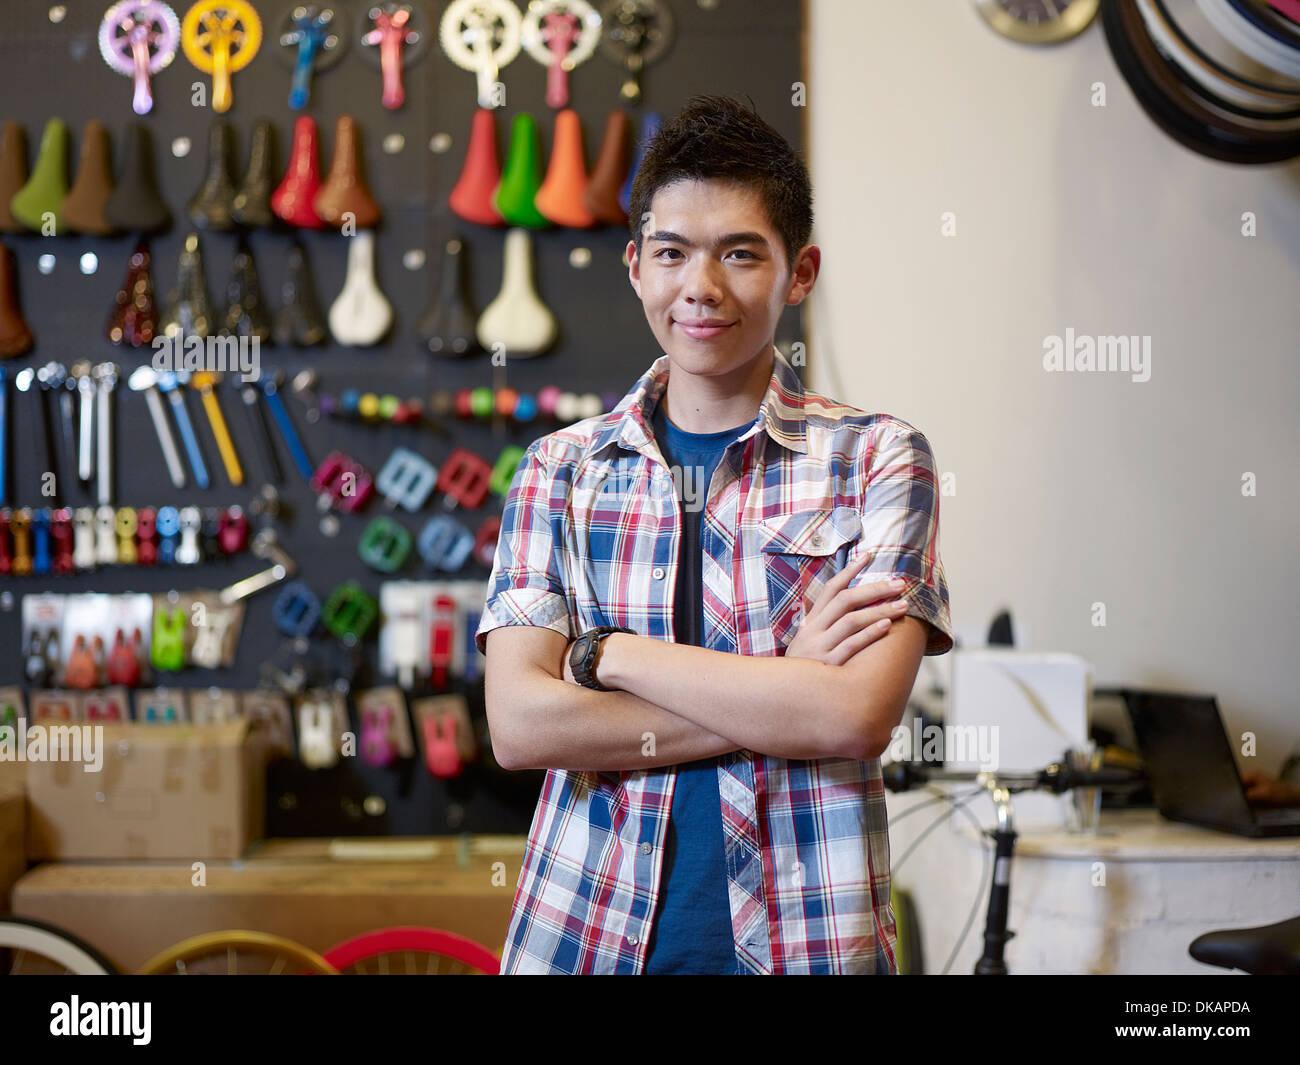 Retrato de joven en la tienda de bicicletas con brazos cruzados Imagen De Stock